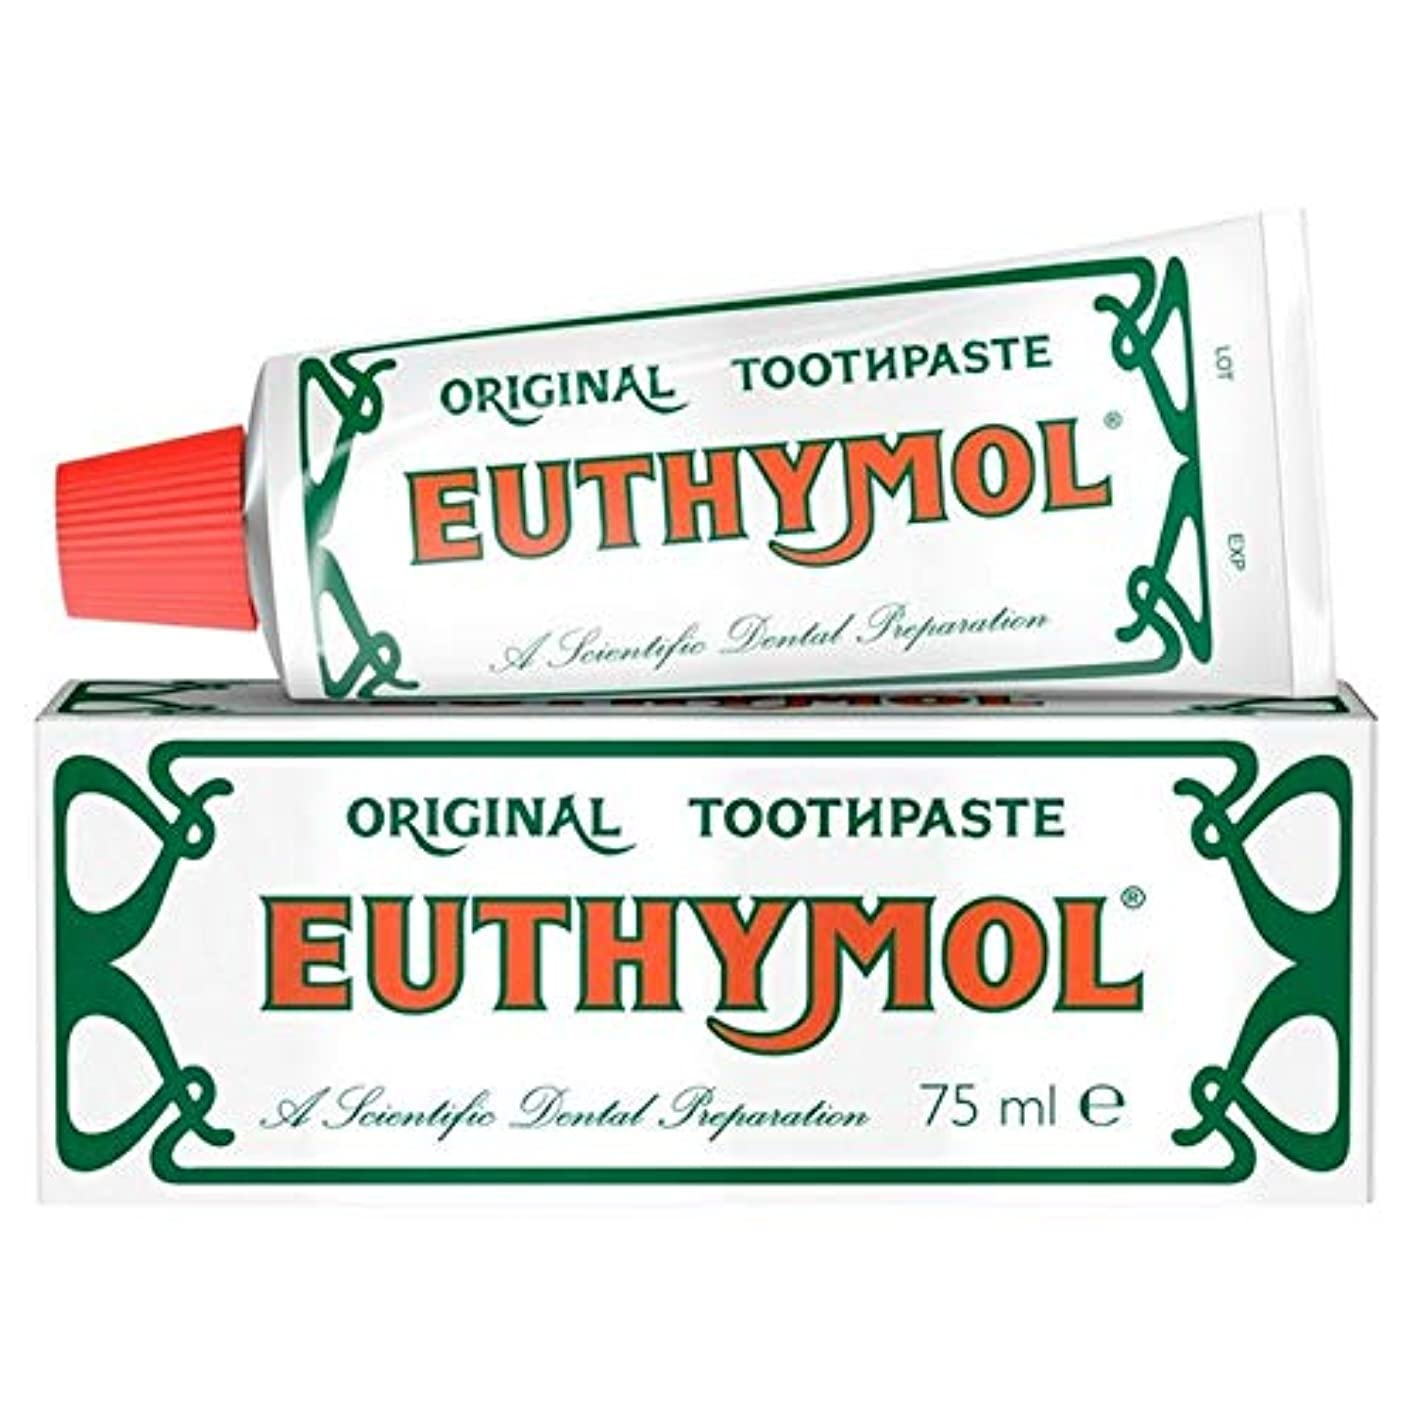 甘くする適切な適切な[Euthymol] オリジナルの歯磨き粉75ミリリットルをEuthymol - Euthymol Original Toothpaste 75ml [並行輸入品]